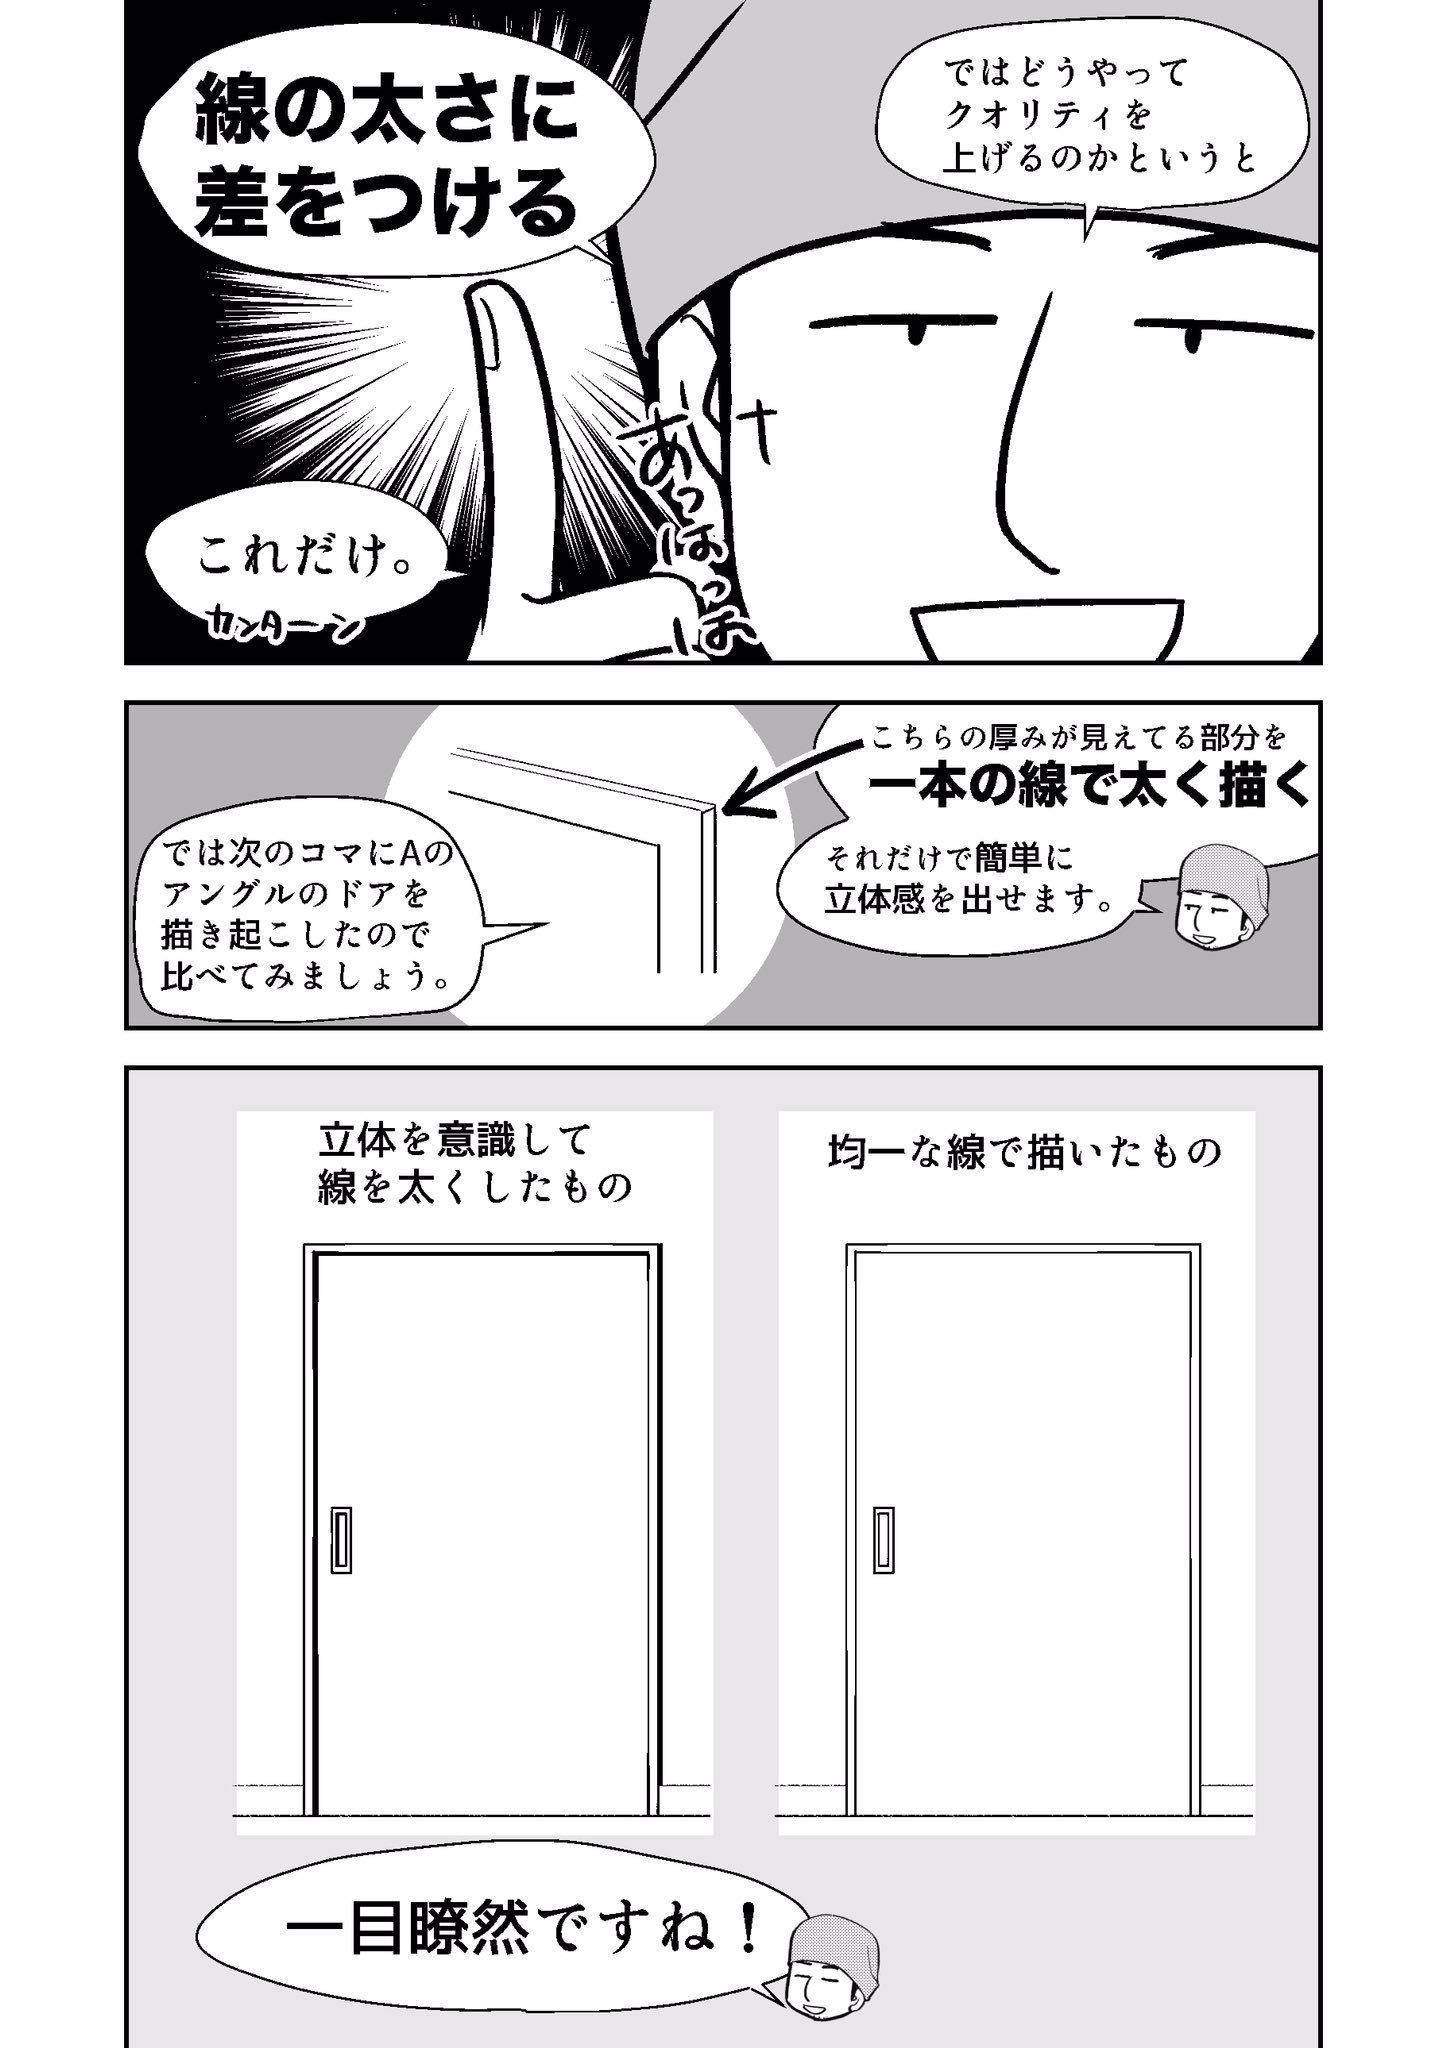 まいきー 漫画アシスタント On Twitter ドア イラスト 漫画の背景 漫画